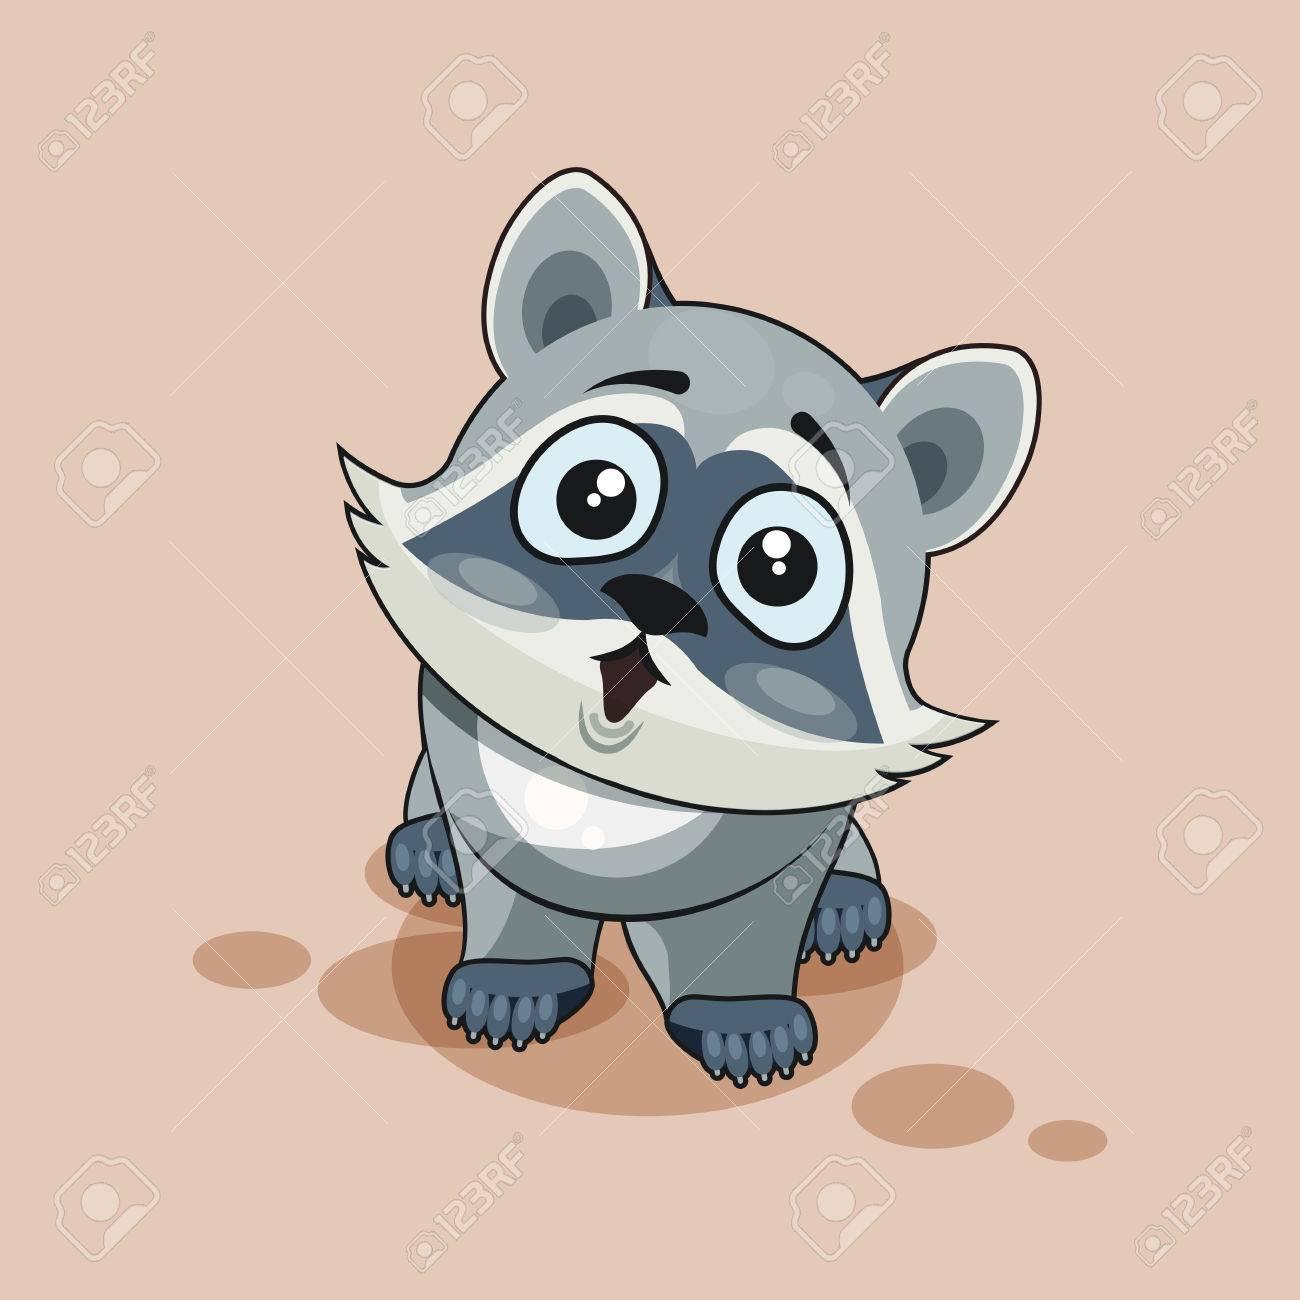 banque dimages vector illustration isol emoji dessin anim caractre raccoon cub surpris avec grande moticne yeux autocollant pour le site - Dessin Avec Emoji